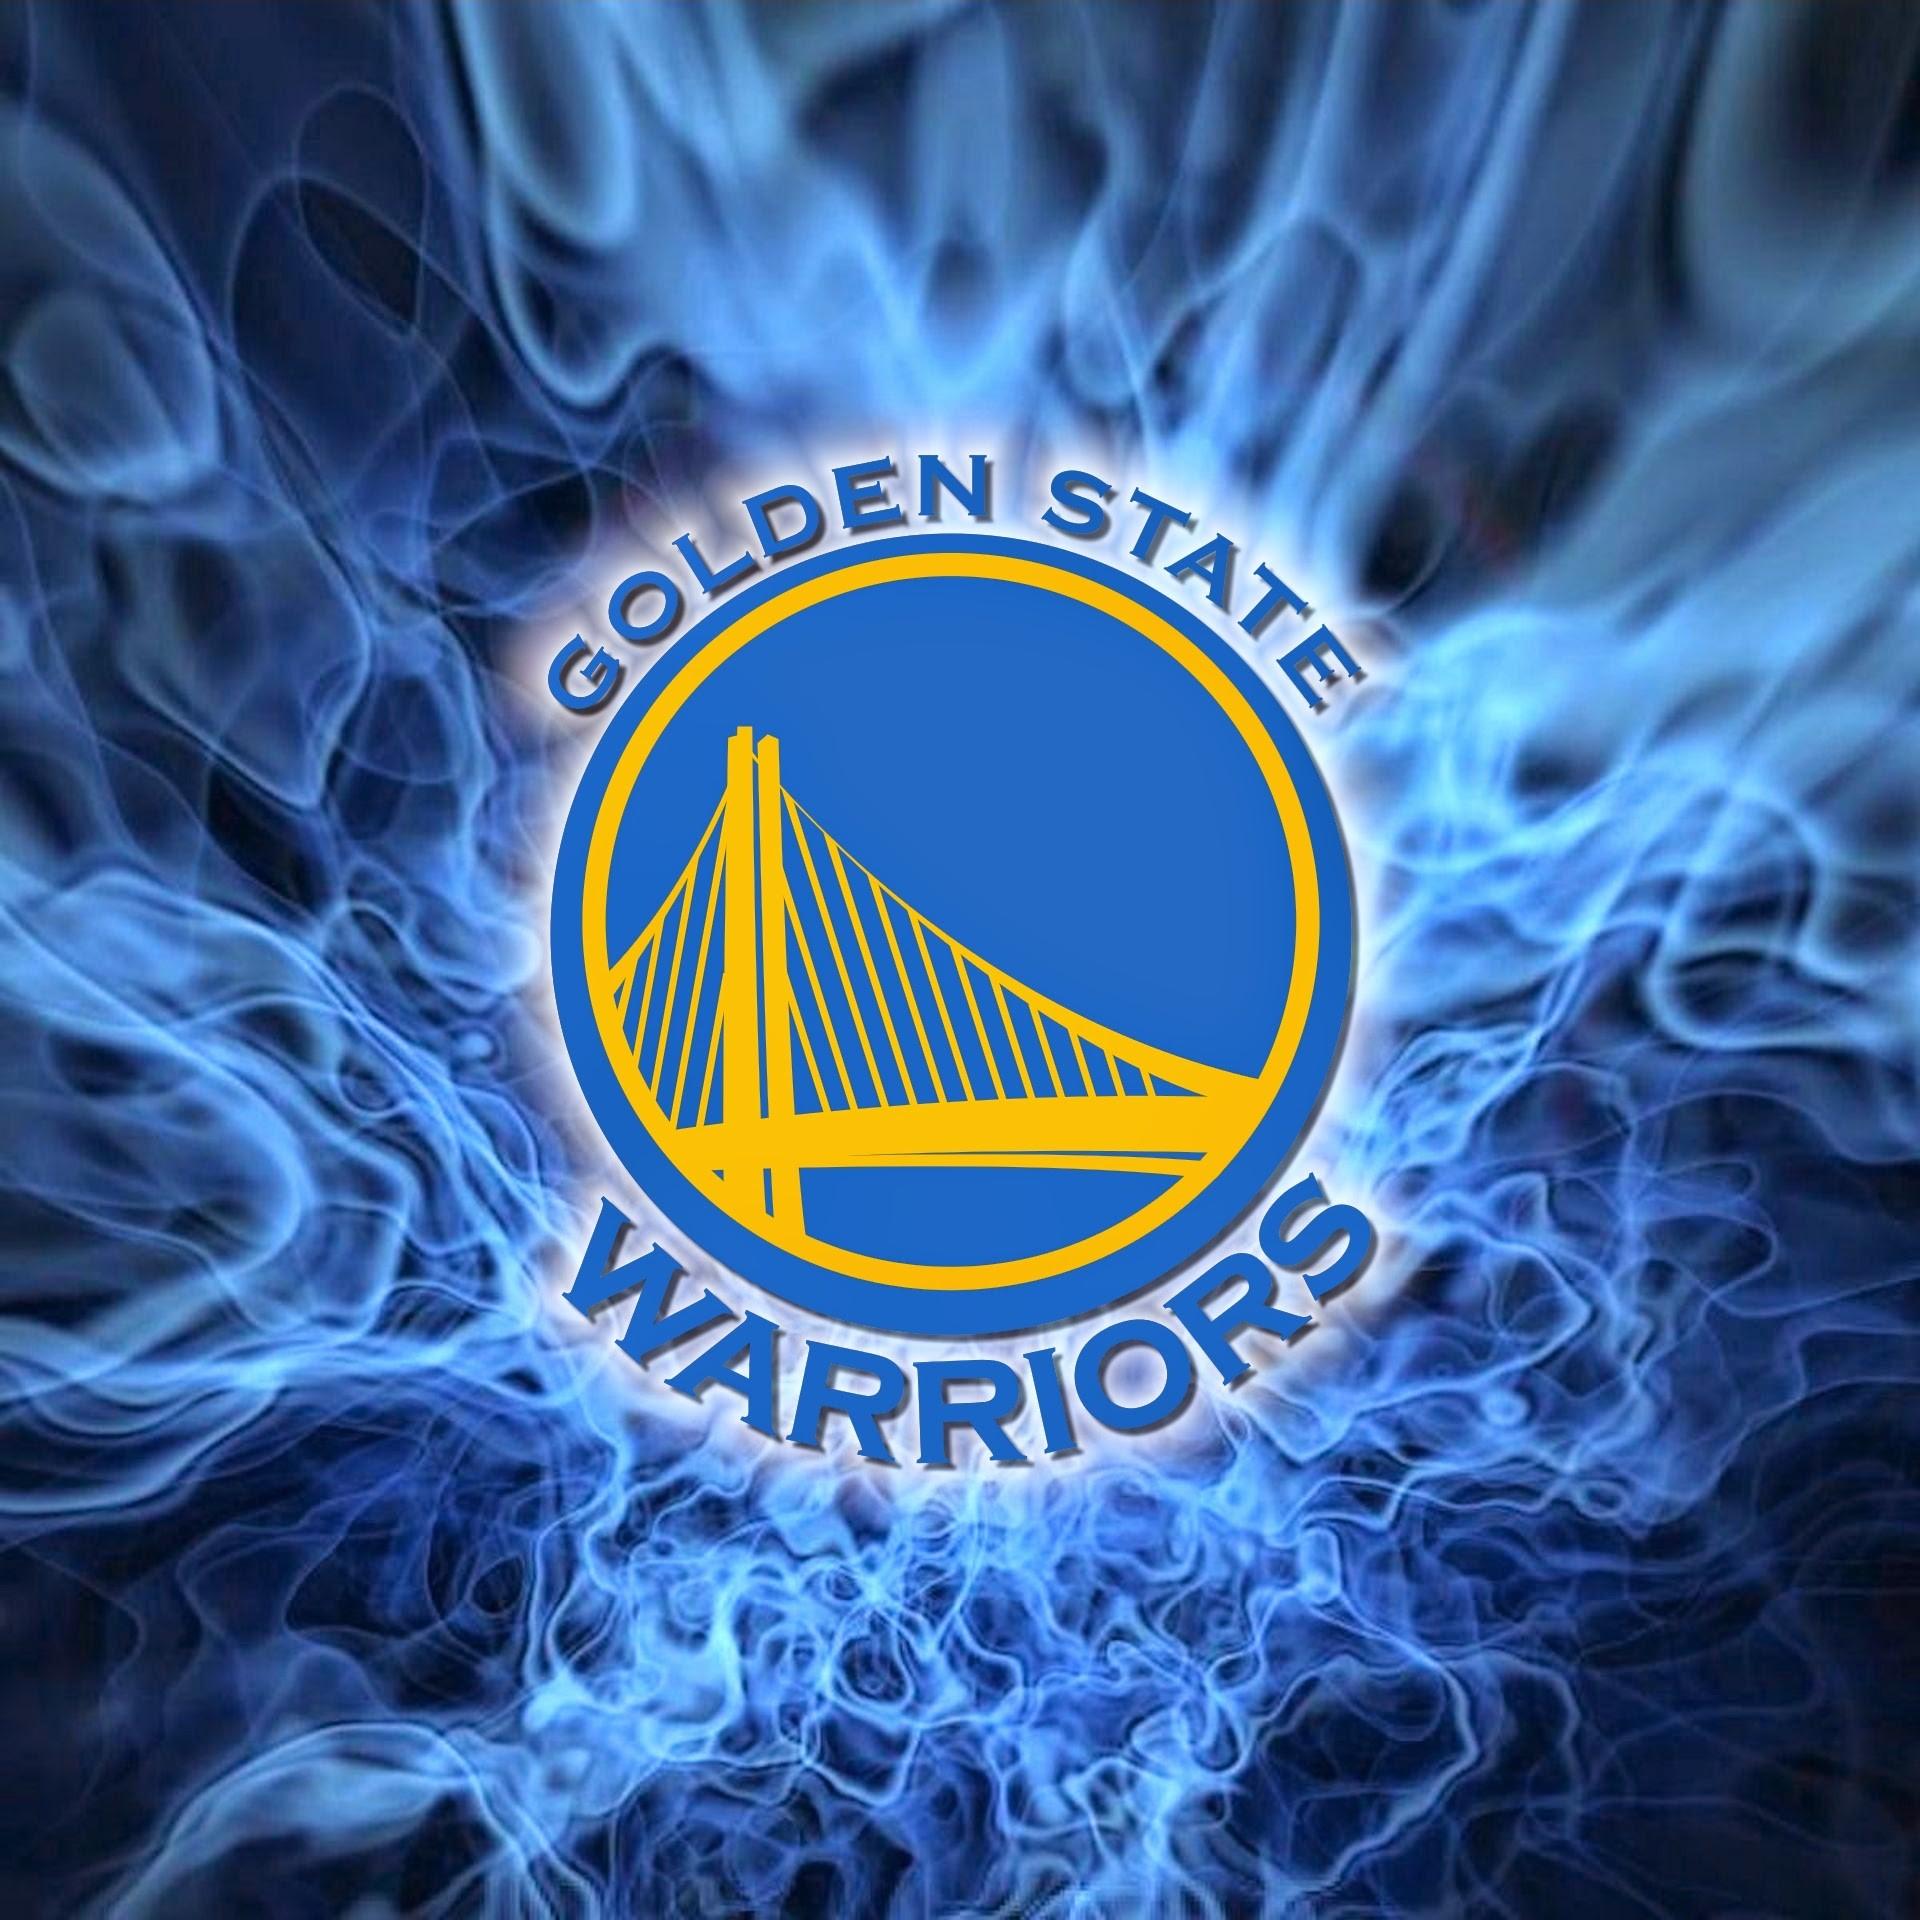 Golden State Warriors Basketball Wallpapers ·①